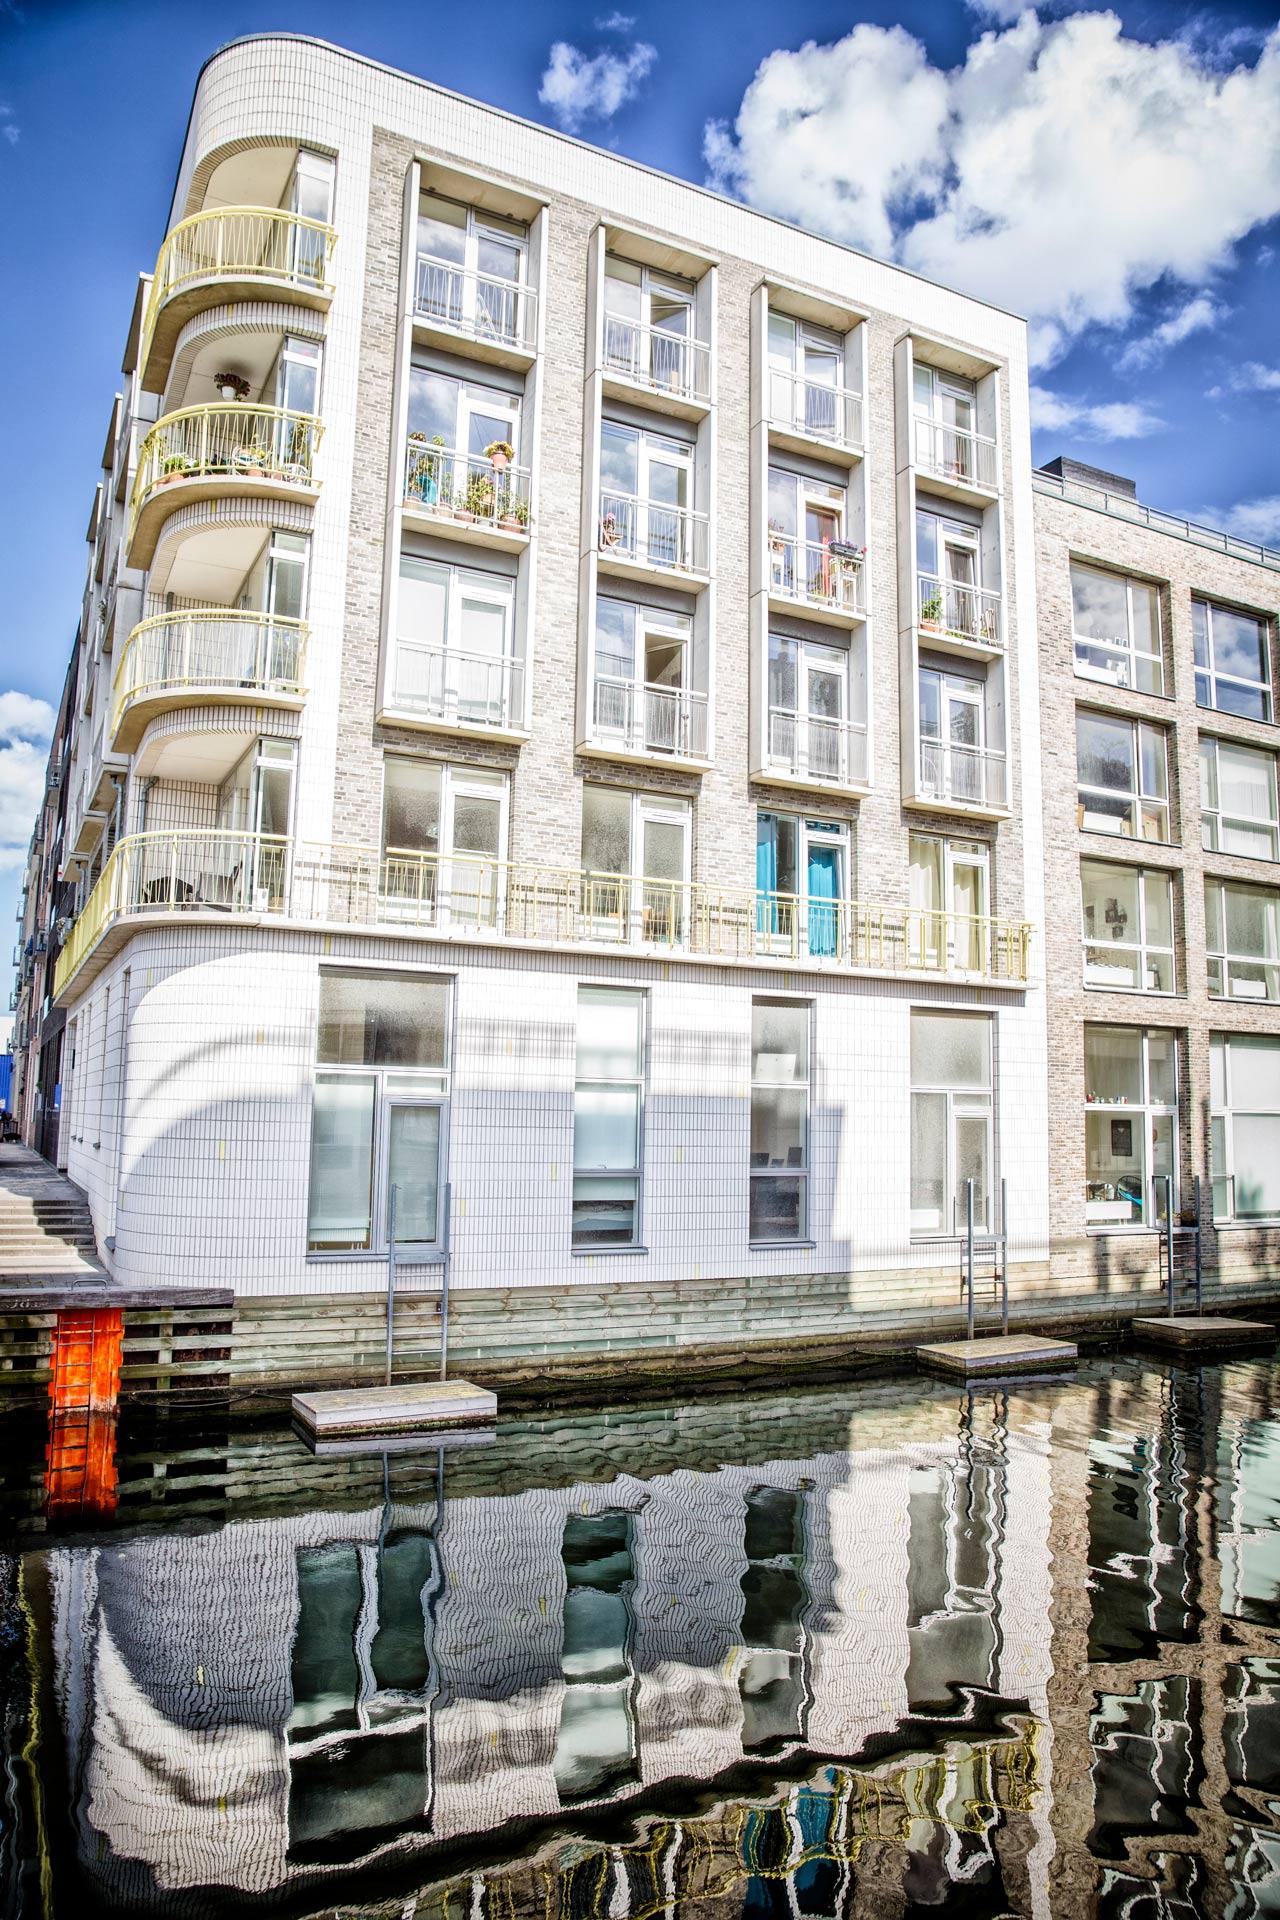 Sluseholmen, altan, kanalby, København, boligfotograf, tagterrasse, lejelighed, arkitekturfotograf